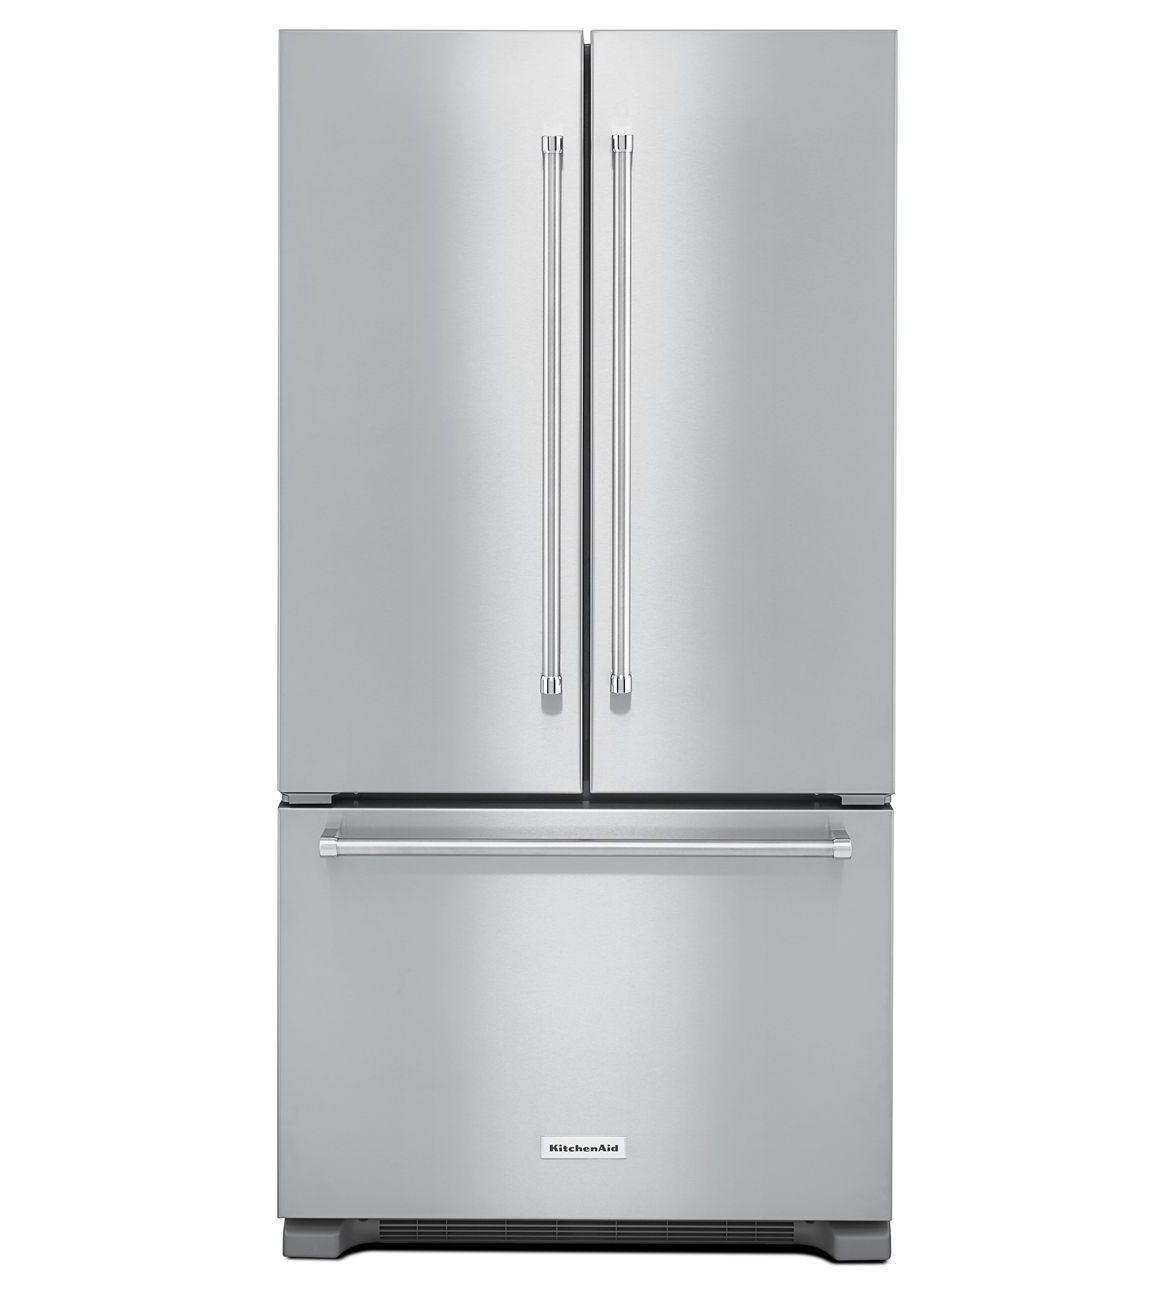 22 Cu Ft 36 Inch Width Counter Depth French Door Refrigerator